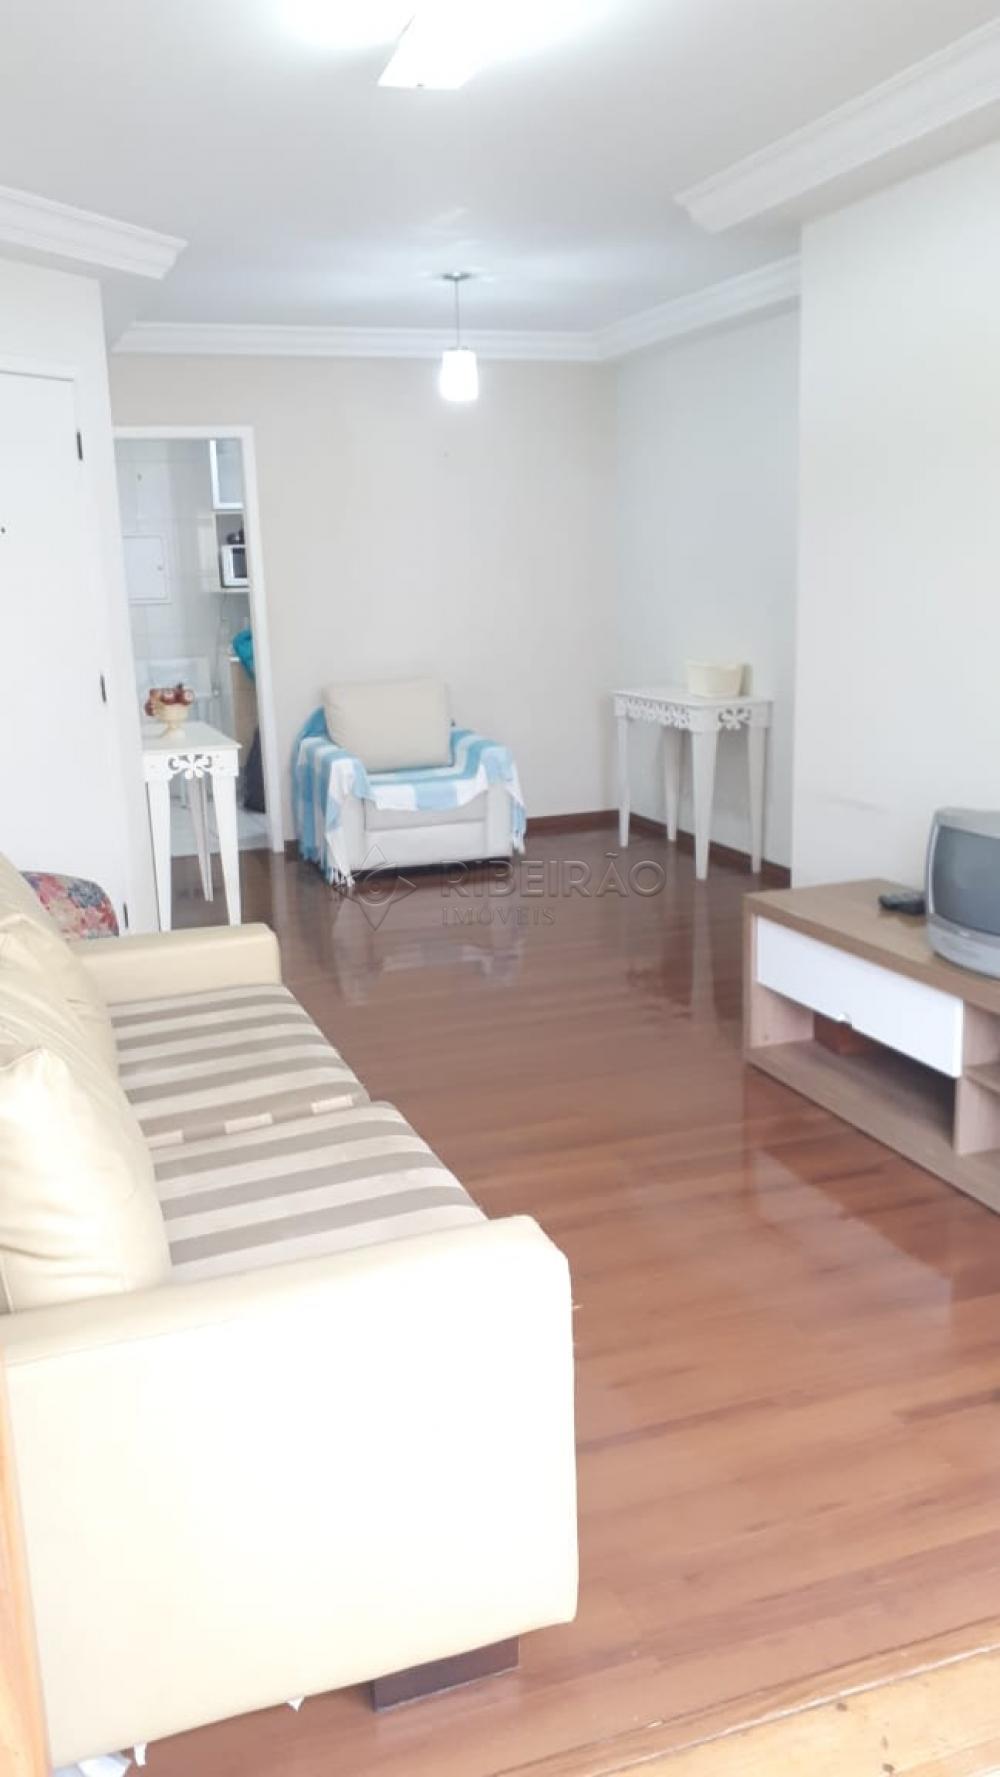 Comprar Apartamento / Padrão em São Paulo R$ 720.000,00 - Foto 3